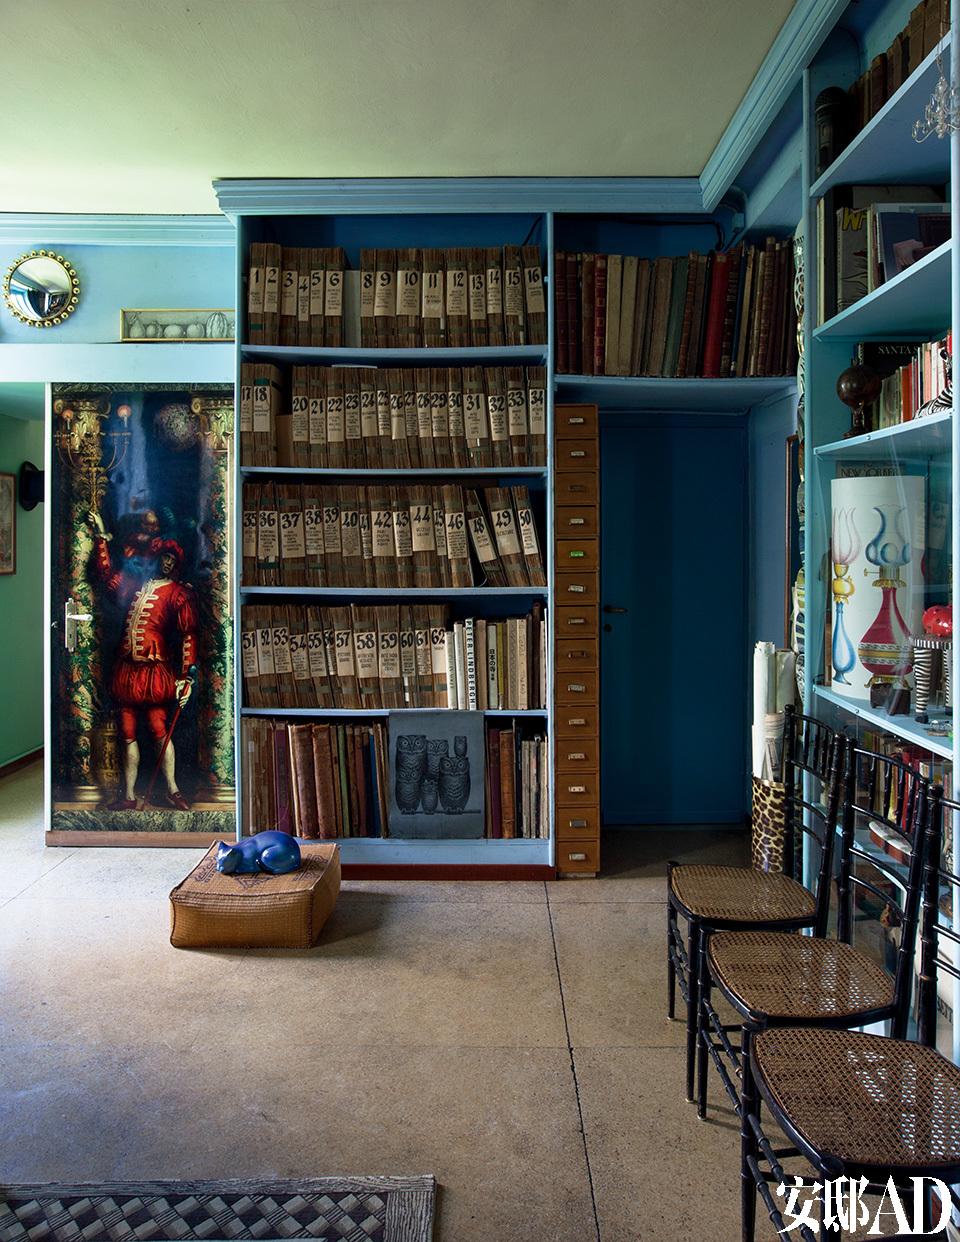 """档案室是Fornasetti家族创作的核心,""""我的父亲为他的工作而生,他甚至认为身边的每个人都和他一样,应该全神贯注地投入到工作中去。""""档案室位于家的二层。按类别分列的活页夹里,收集了从杂志、书籍和旧印刷品中摘录出来的剪画。这里成了Fornasetti家里应用艺术的著名文档收藏库,他们在这间屋子里获得各种设计灵感,并进行后续的精心制作。""""我的父亲甚至是一个对老旧图片极其狂热的强盗。他对于古董书完全没有一点'尊重'可言,只要他喜欢一张图片,就会把那页从书上撕下来。""""Barnaba Fornasetti解释道。"""